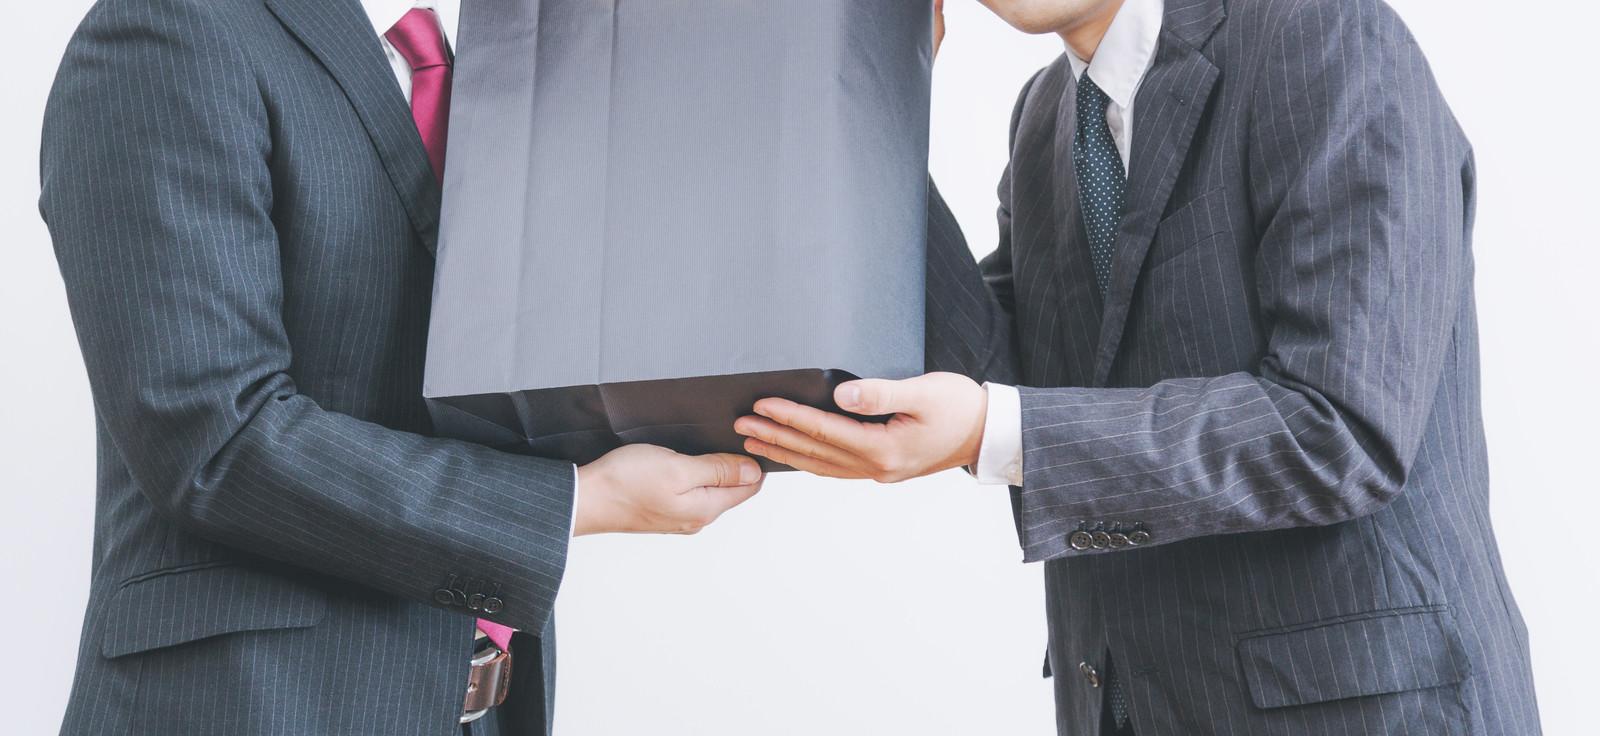 売れる営業のアプローチ!! お客様を惹きつける方法